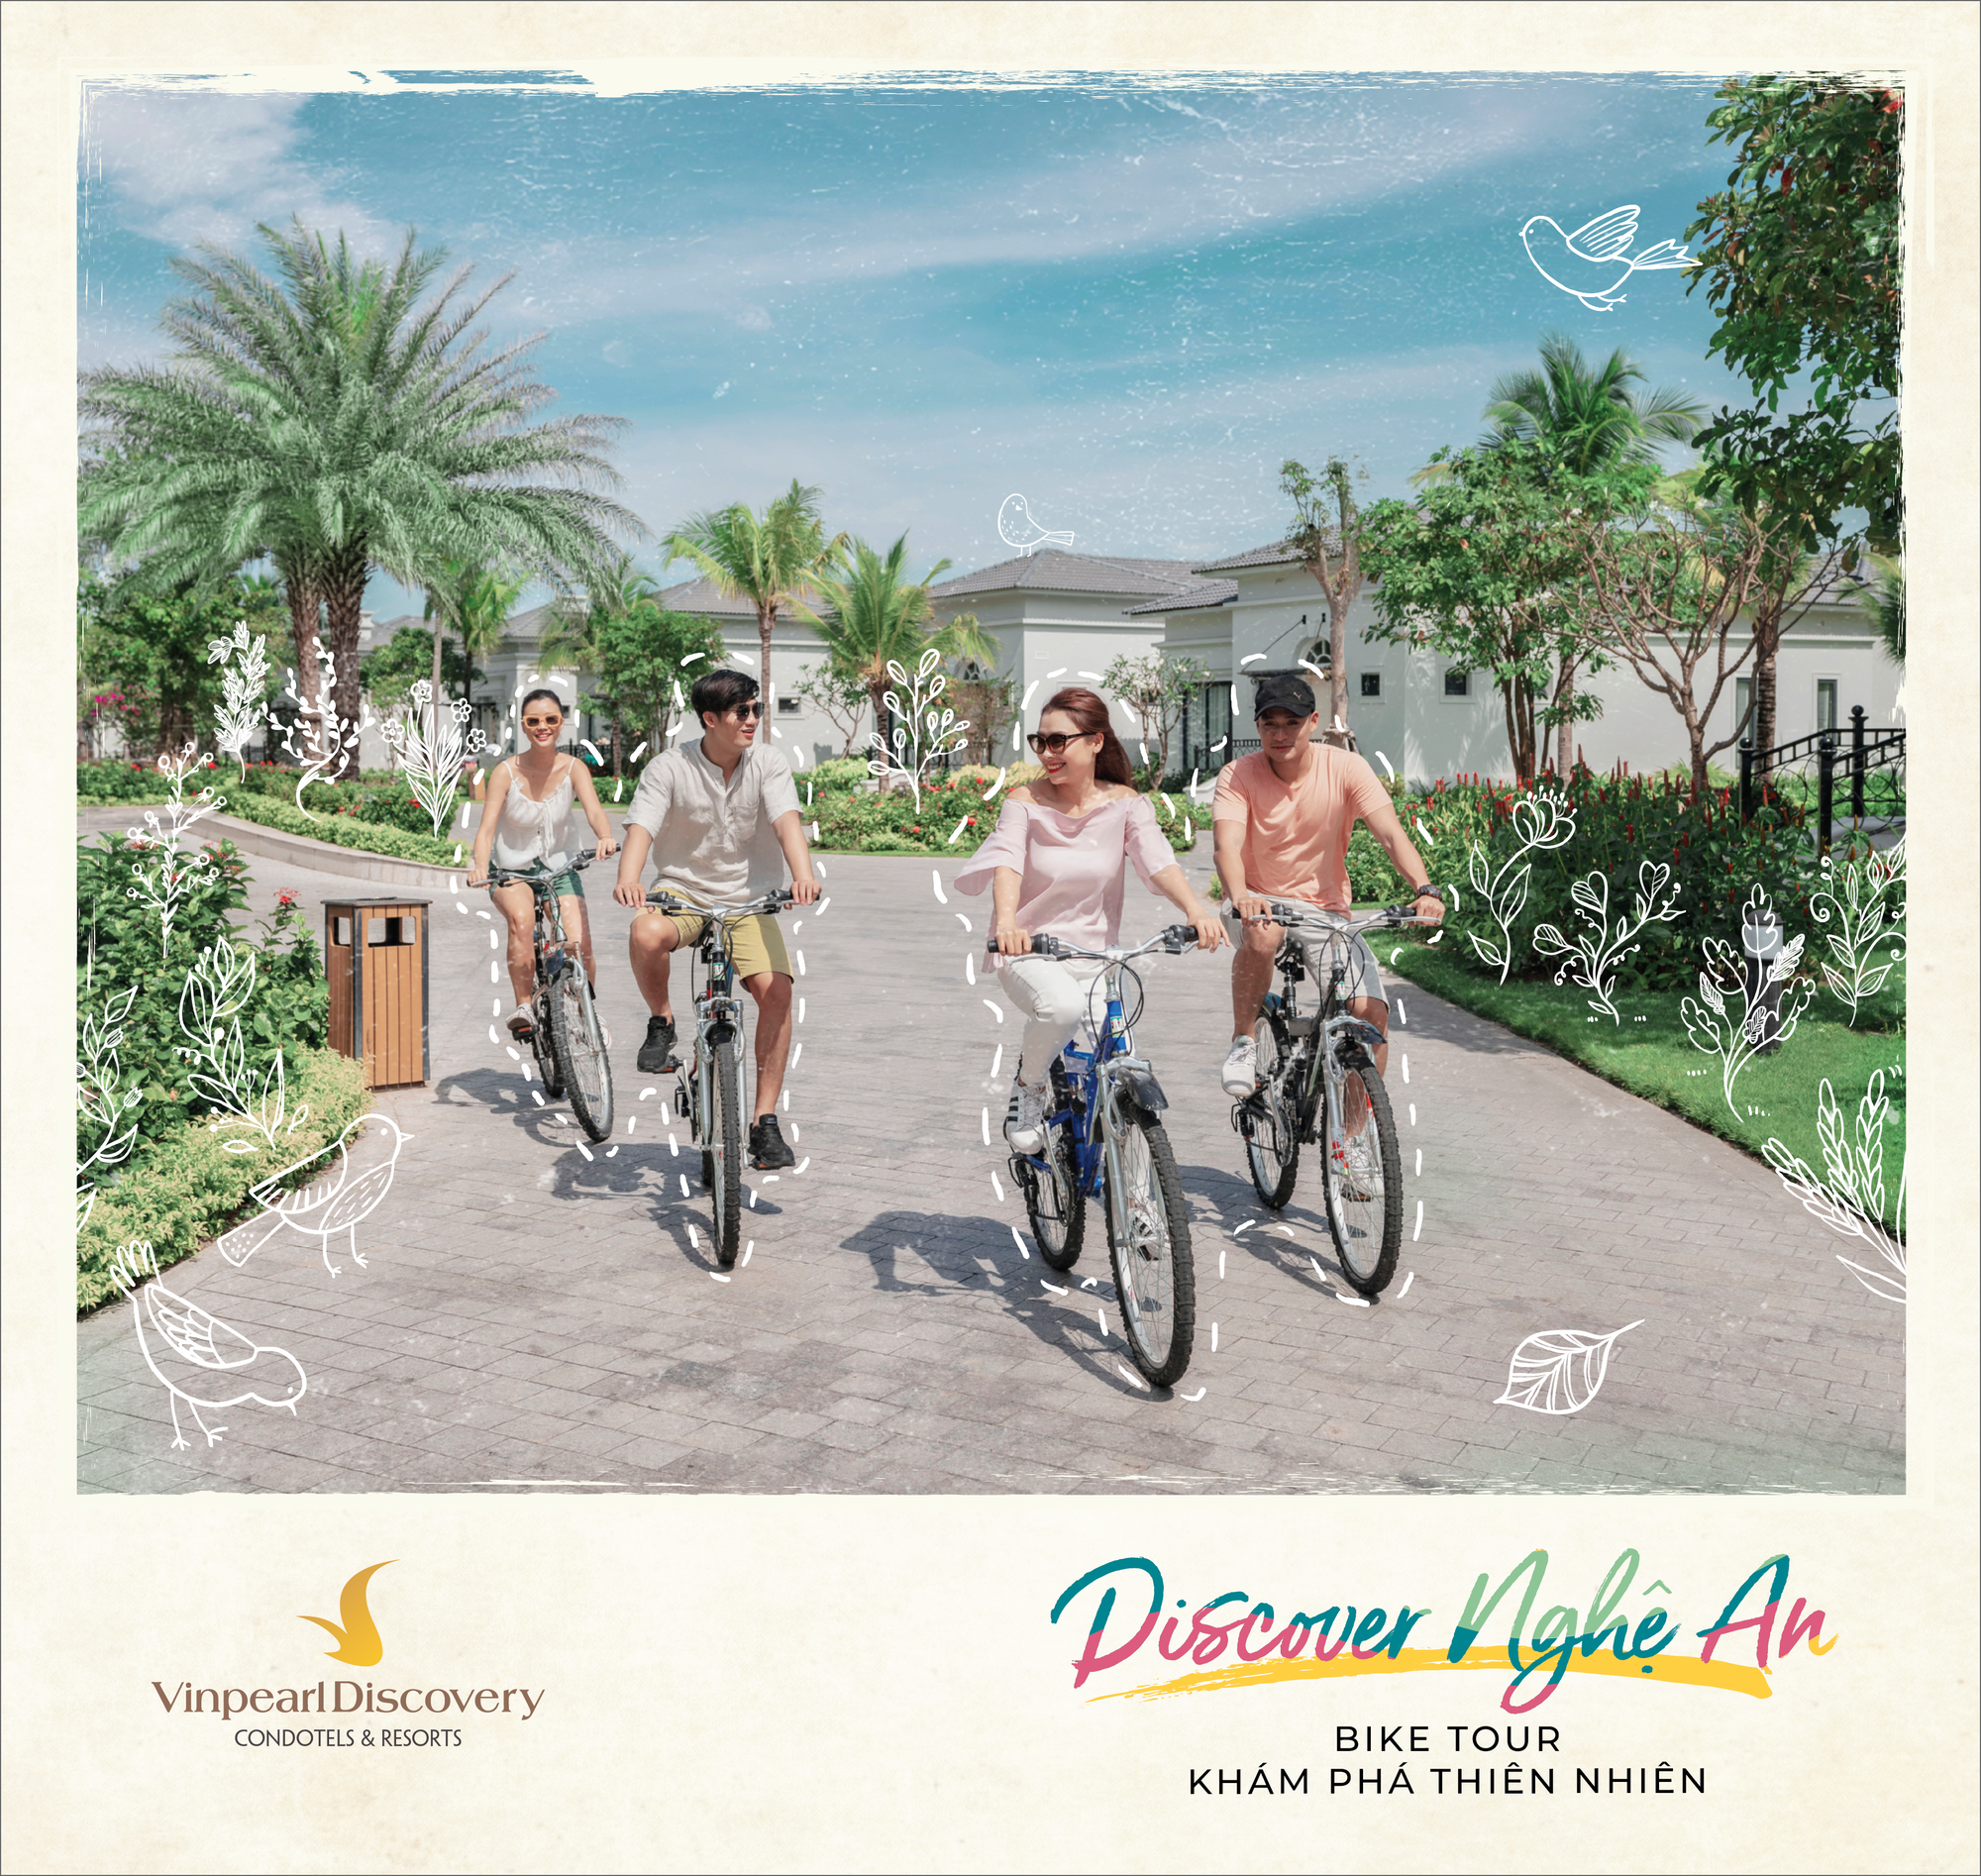 5 thiên đường biển tại Việt Nam với nhiều trải nghiệm thú vị cho kỳ nghỉ lễ trước hè - Ảnh 2.